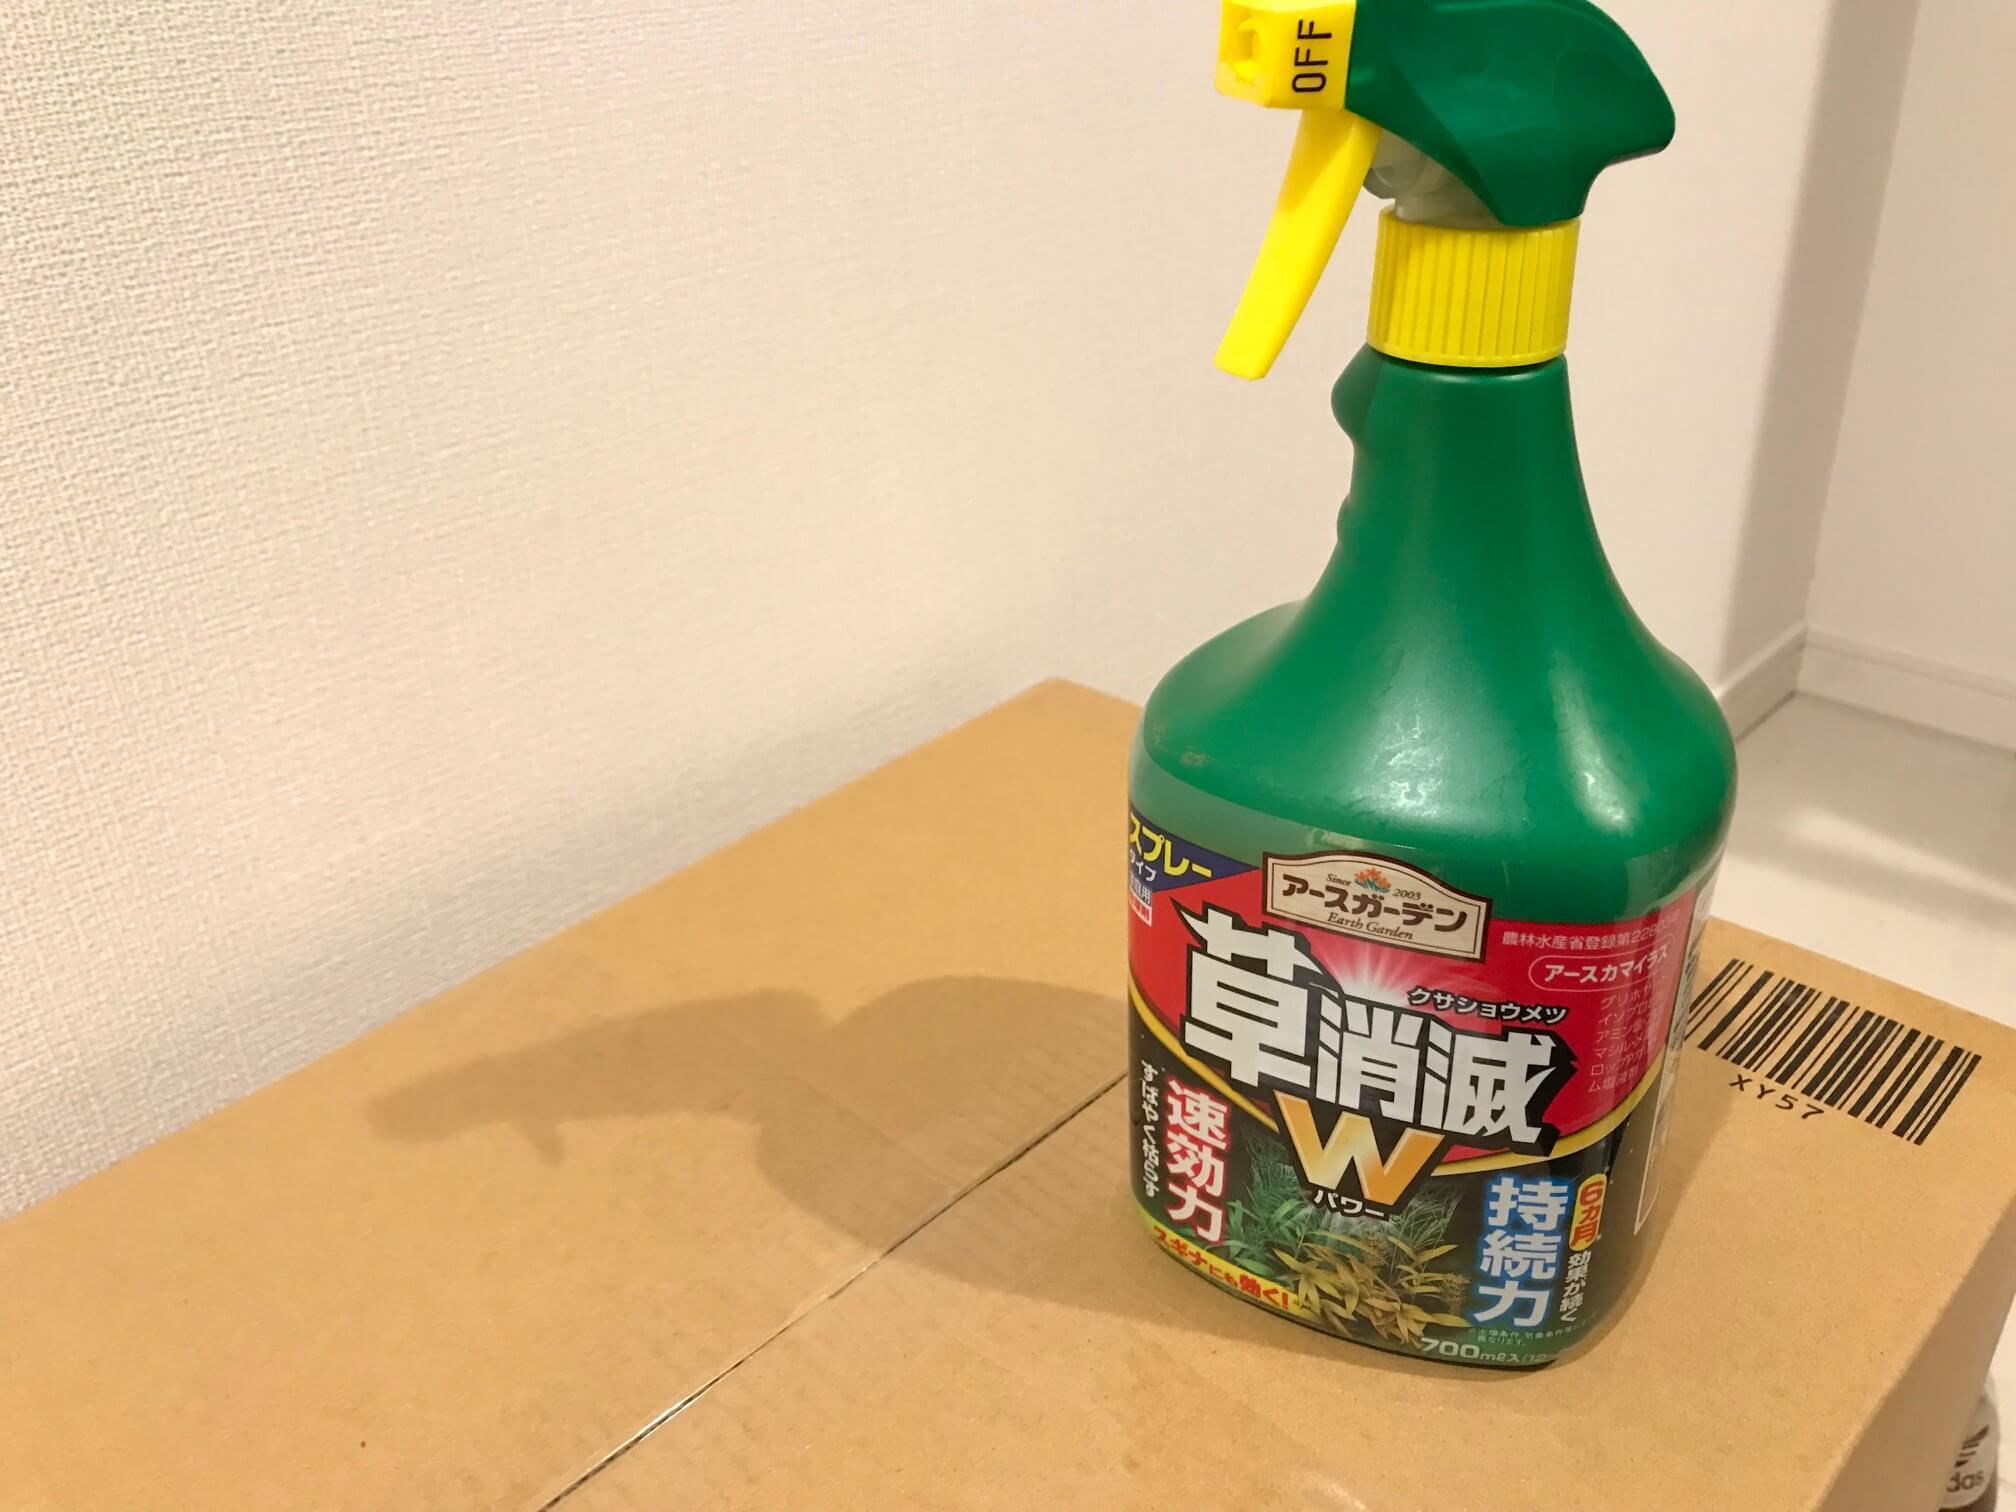 除草剤:草消滅